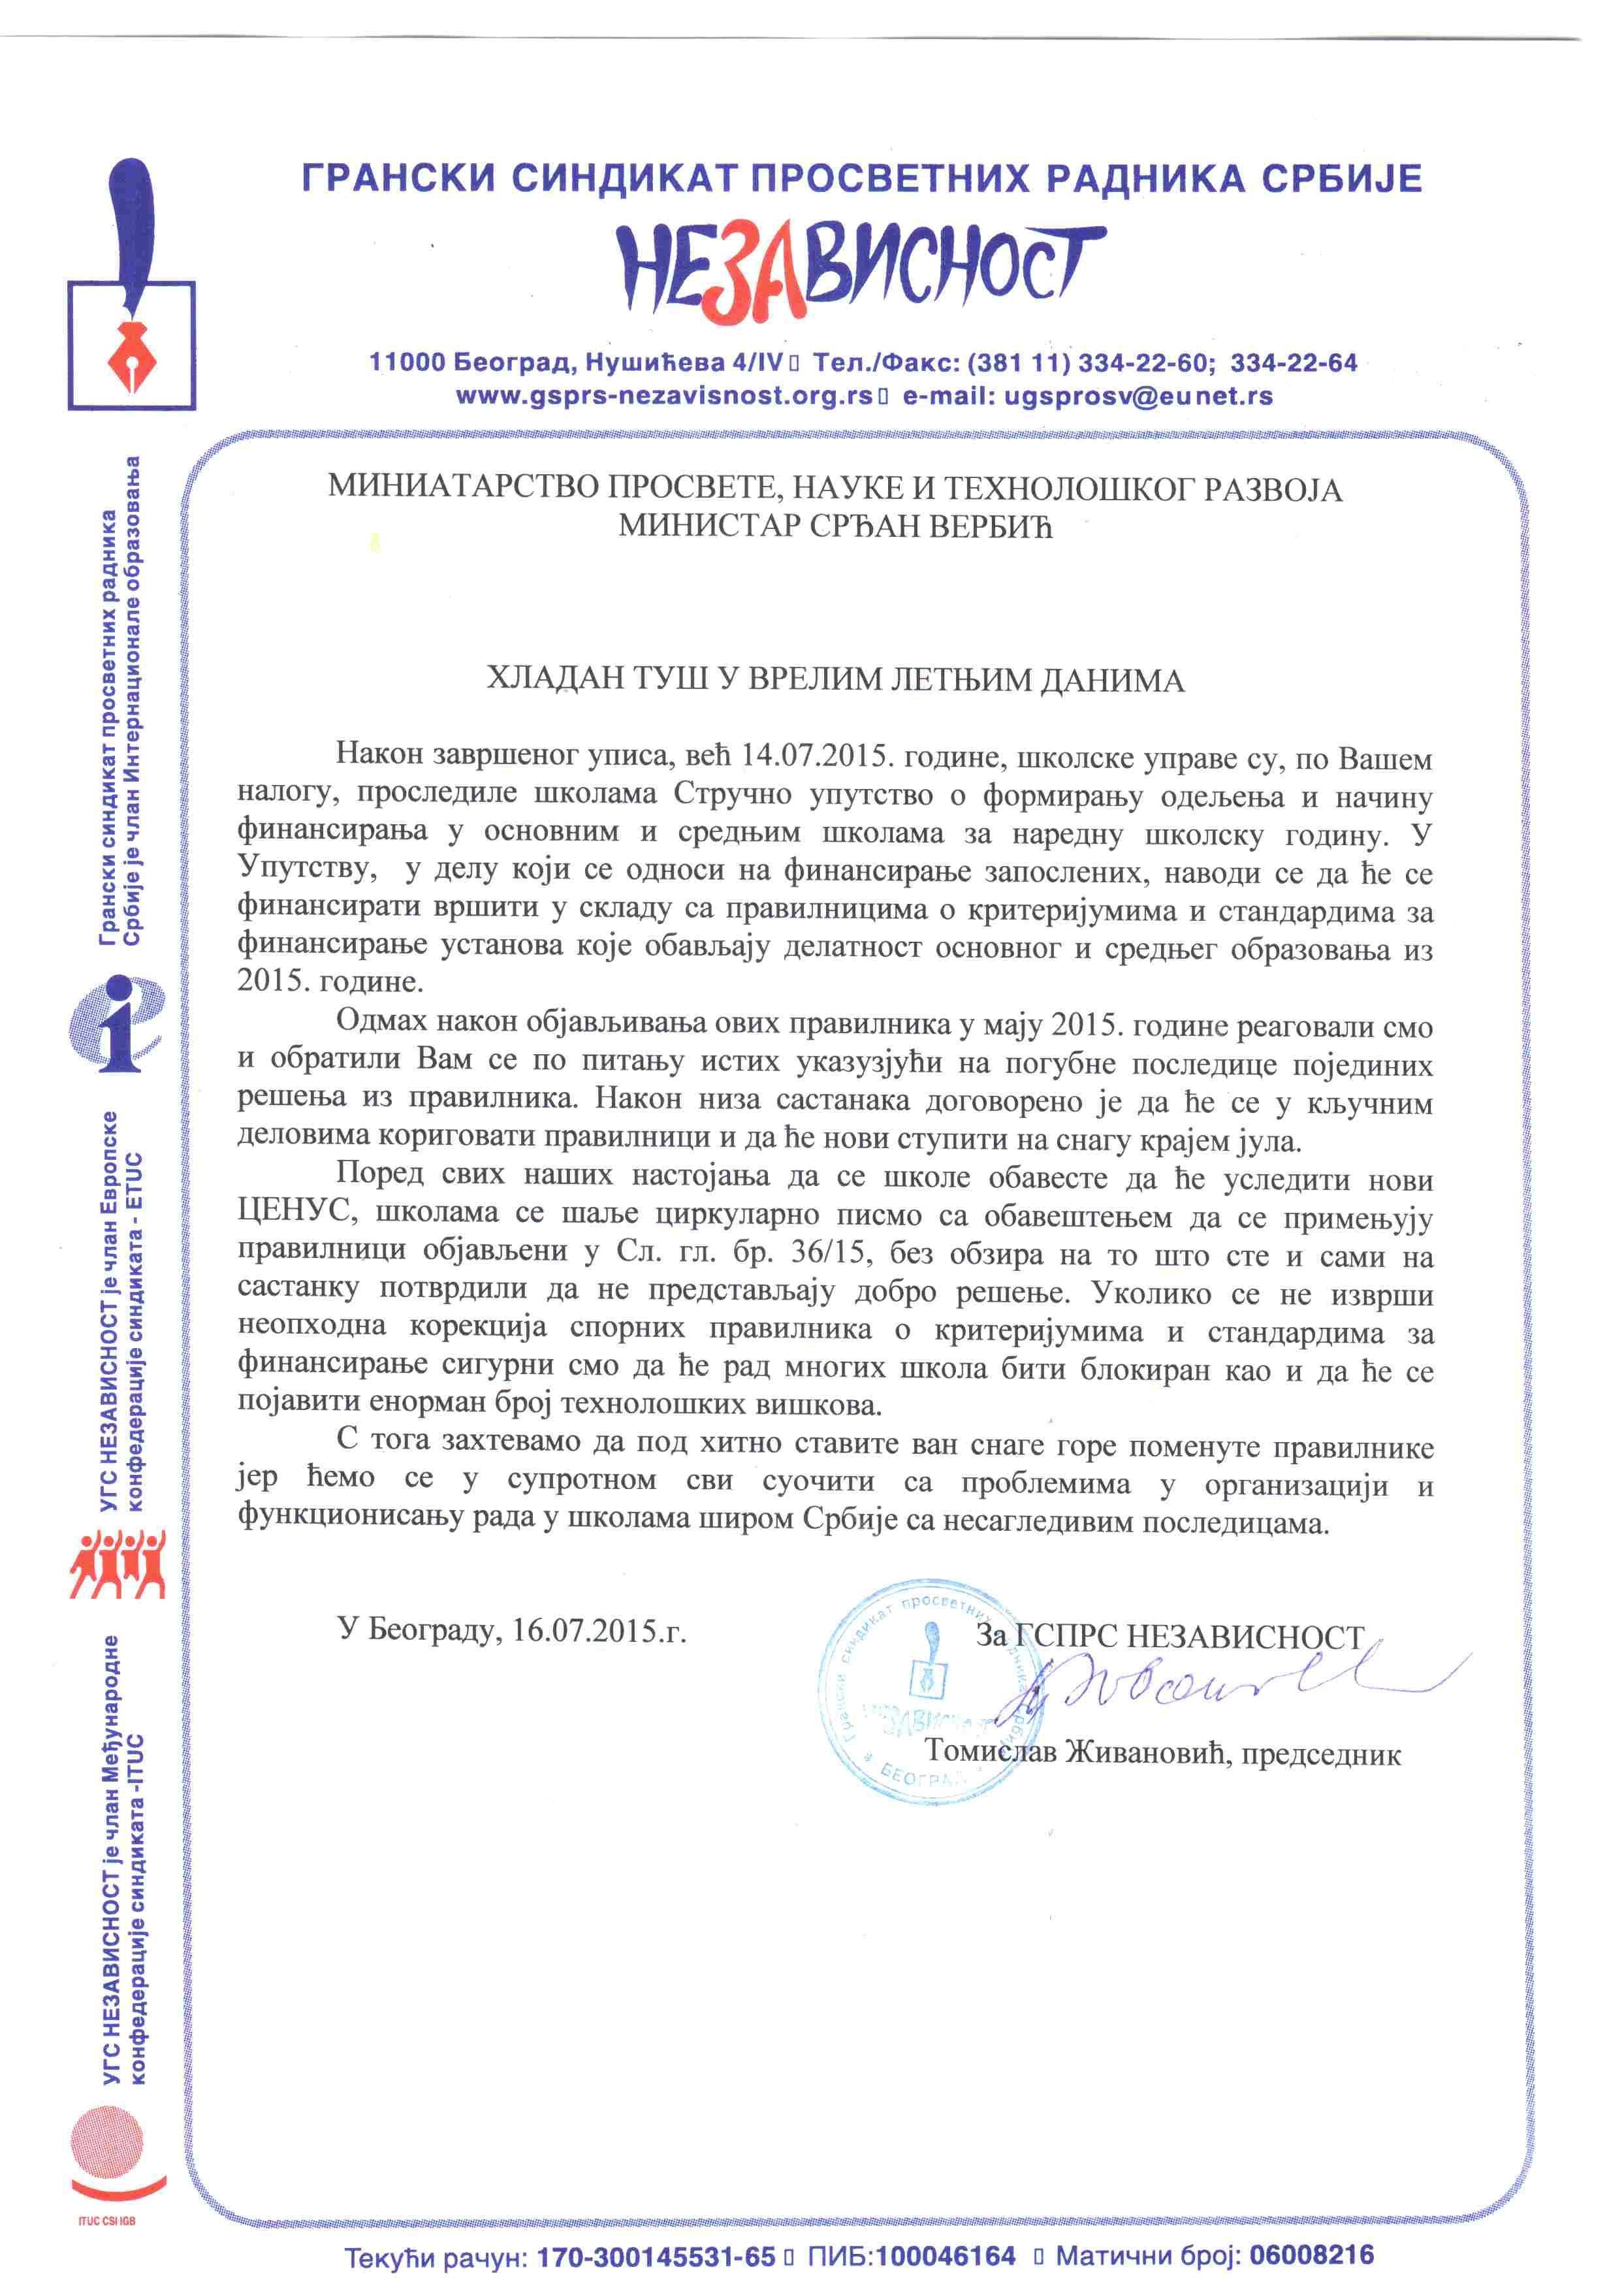 Dopis Ministru 16.7.2015 15-50